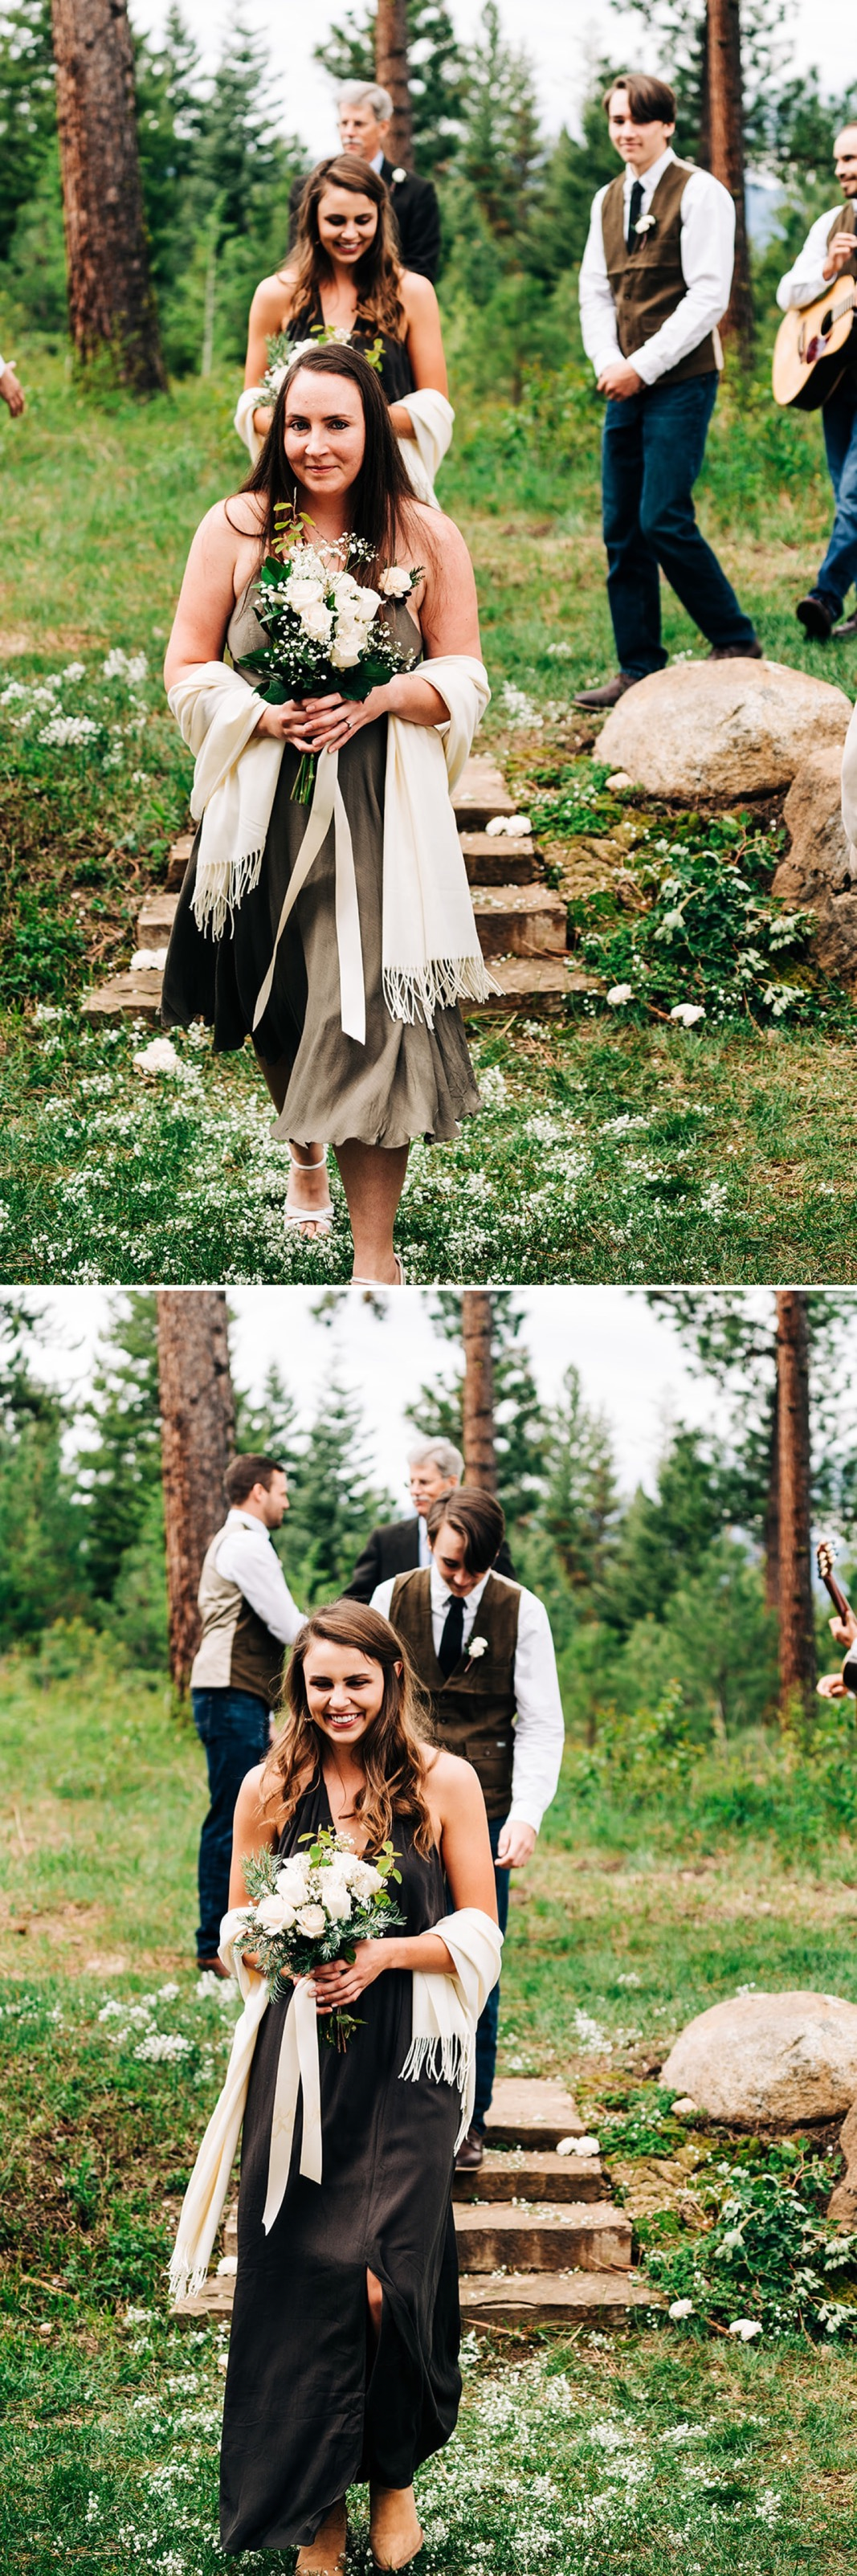 066_katie_chris_wedding-152_katie_chris_wedding-150_katie_chris_wedding-151.jpg